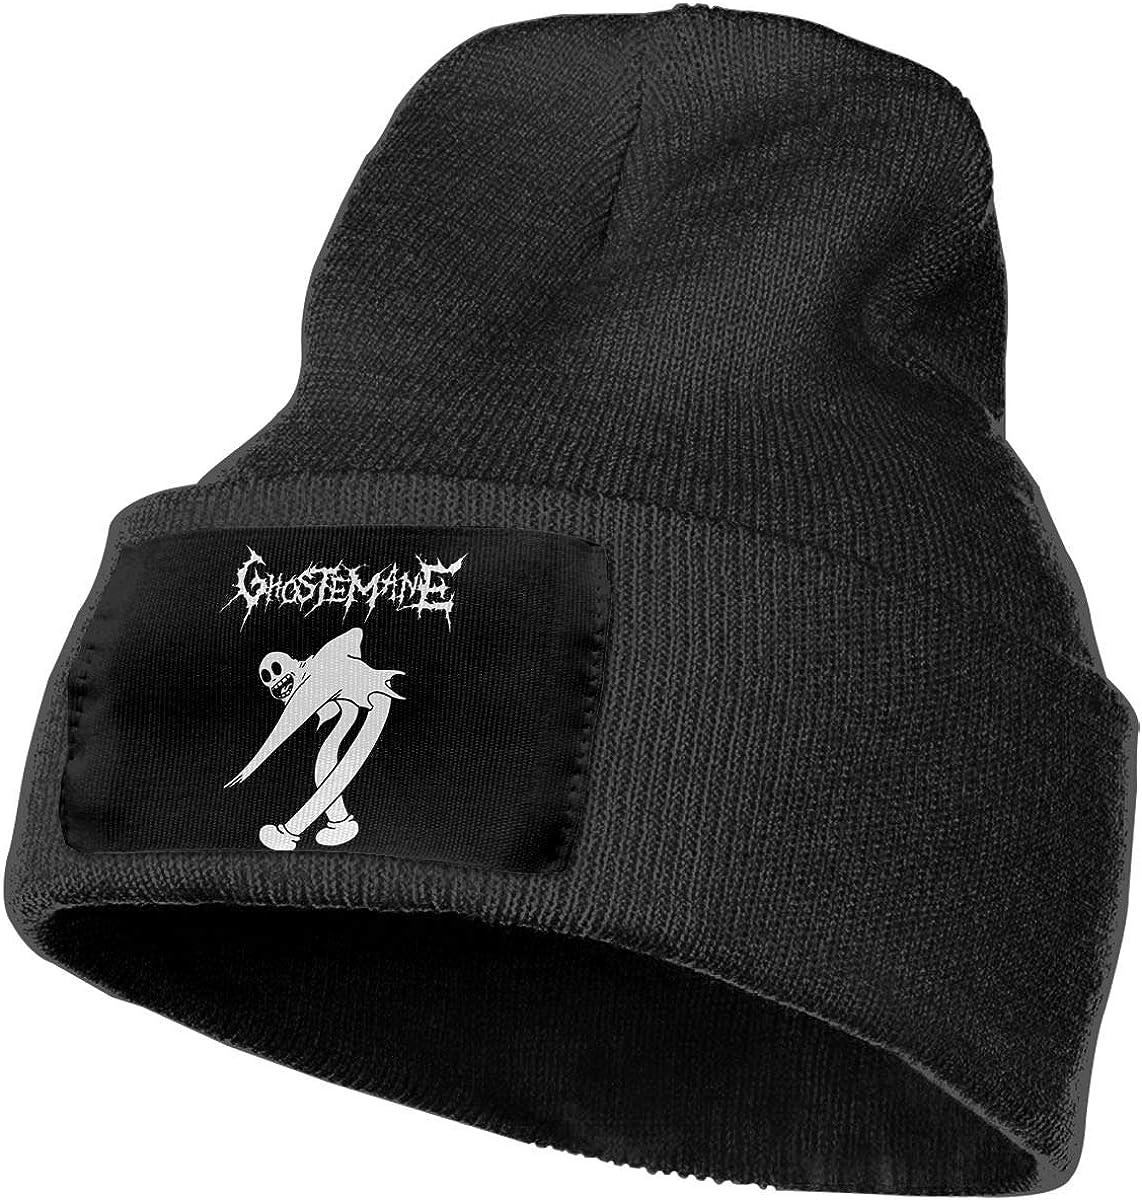 22ershier Ghostemane Men Women Slouchy Beanie Winter Hat Knit Warm Snow Ski Cap